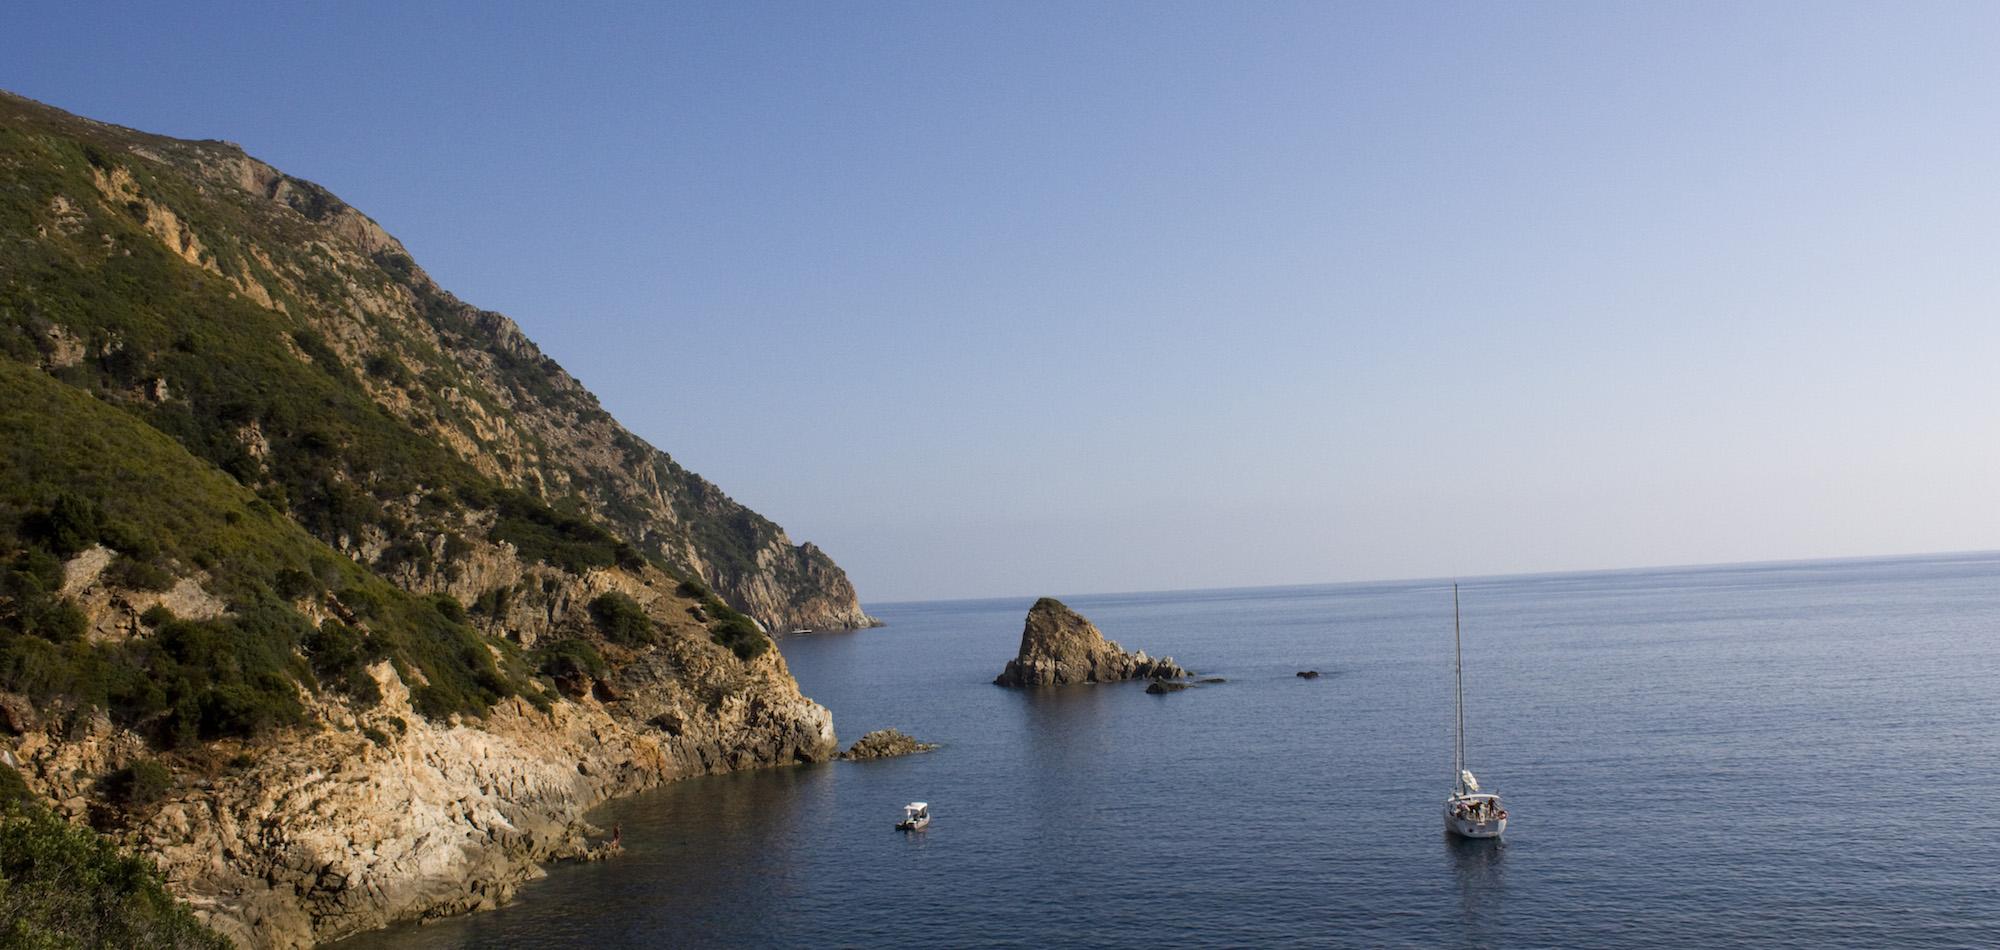 Isola del Giglio - La leggenda di San Mamiliano